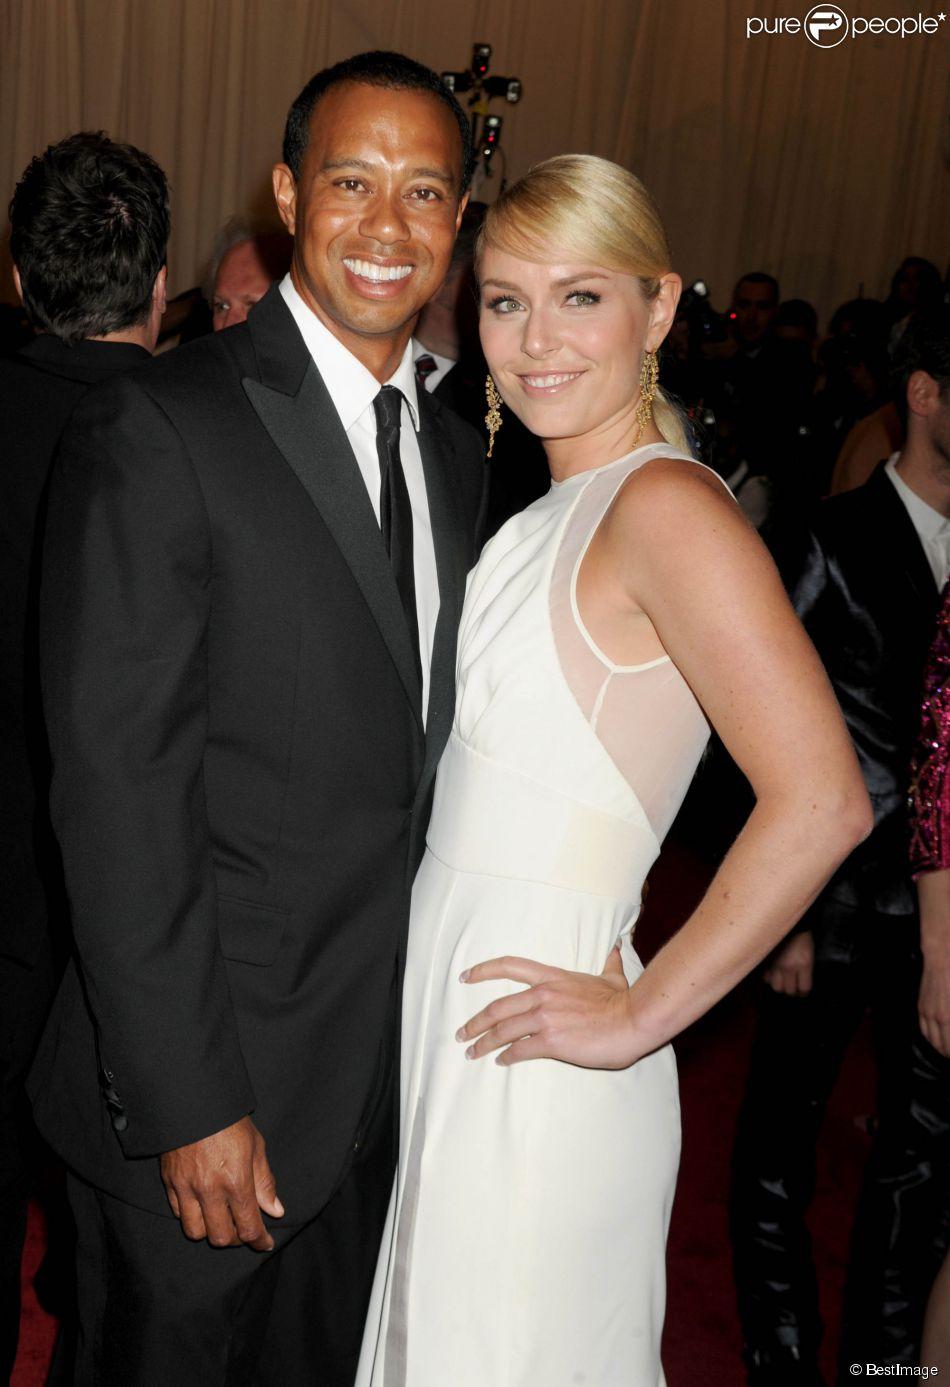 Tiger Woods et Lindsey Vonn lors de la soirée 'Punk: Chaos to Couture' Costume Institute Benefit Met Gala à New York le 6 mai 2013